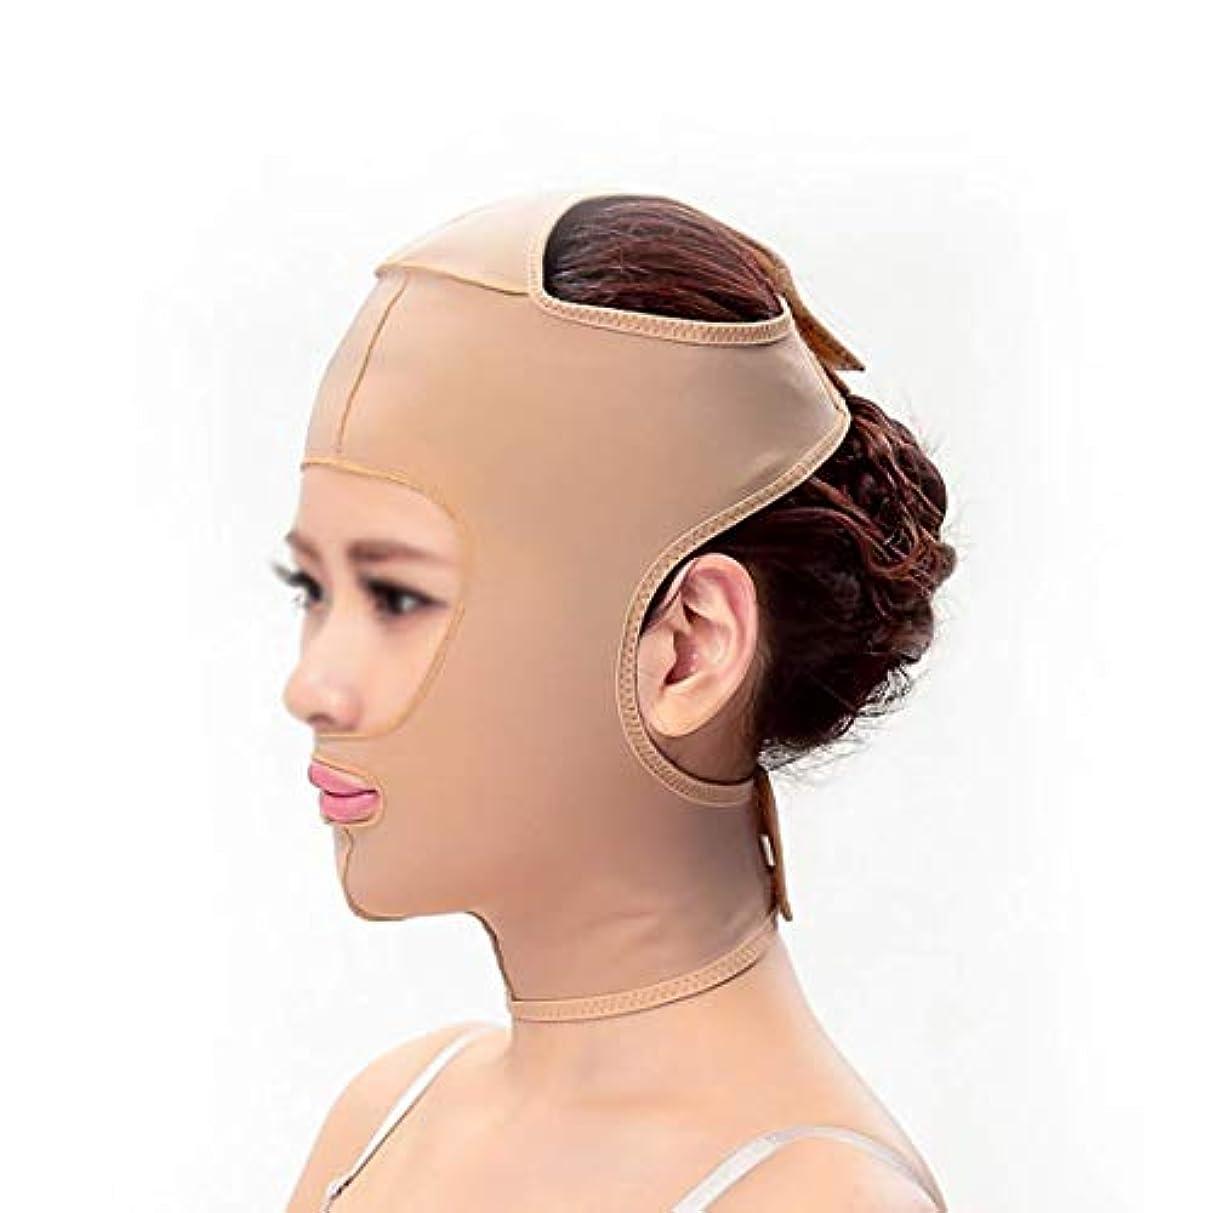 入札カウボーイ逆にスリミングベルト、二重あごの引き締め顔面プラスチックフェイスアーティファクト強力なフェイスバンデージをサイズアップするために顔面マスクシンフェイスマスク,S